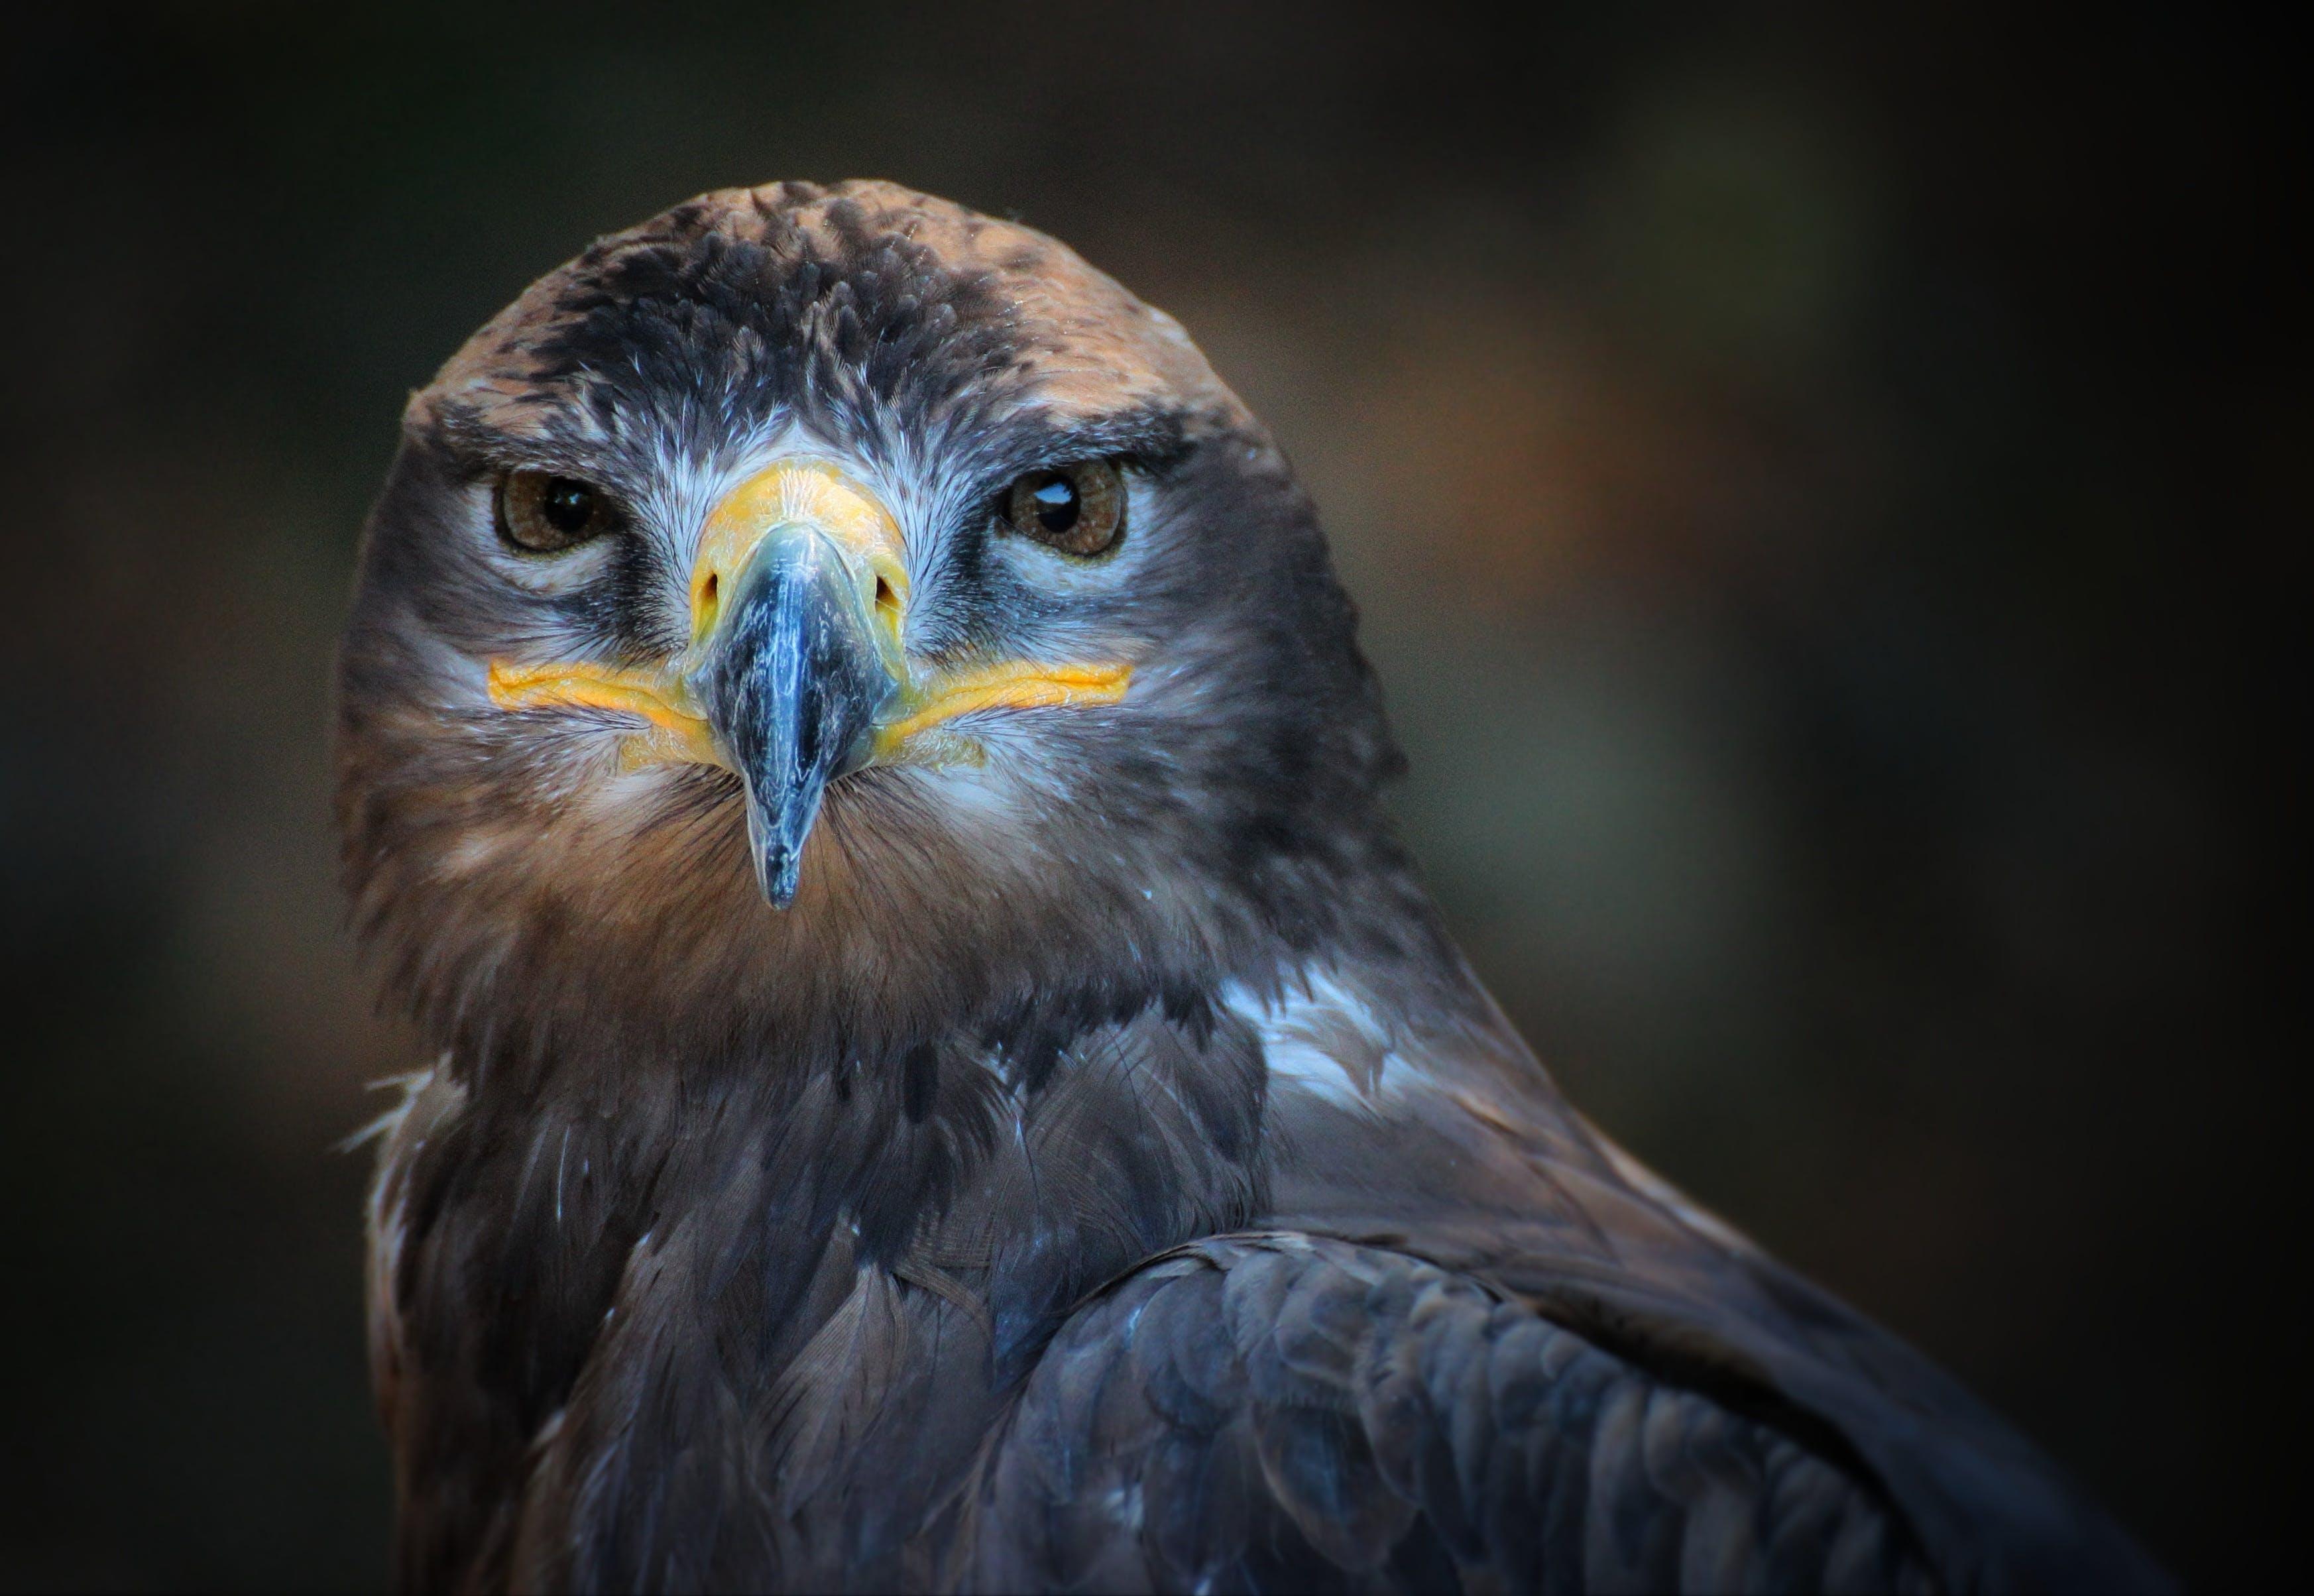 Kostenloses Stock Foto zu vogel, tier, eule, makro